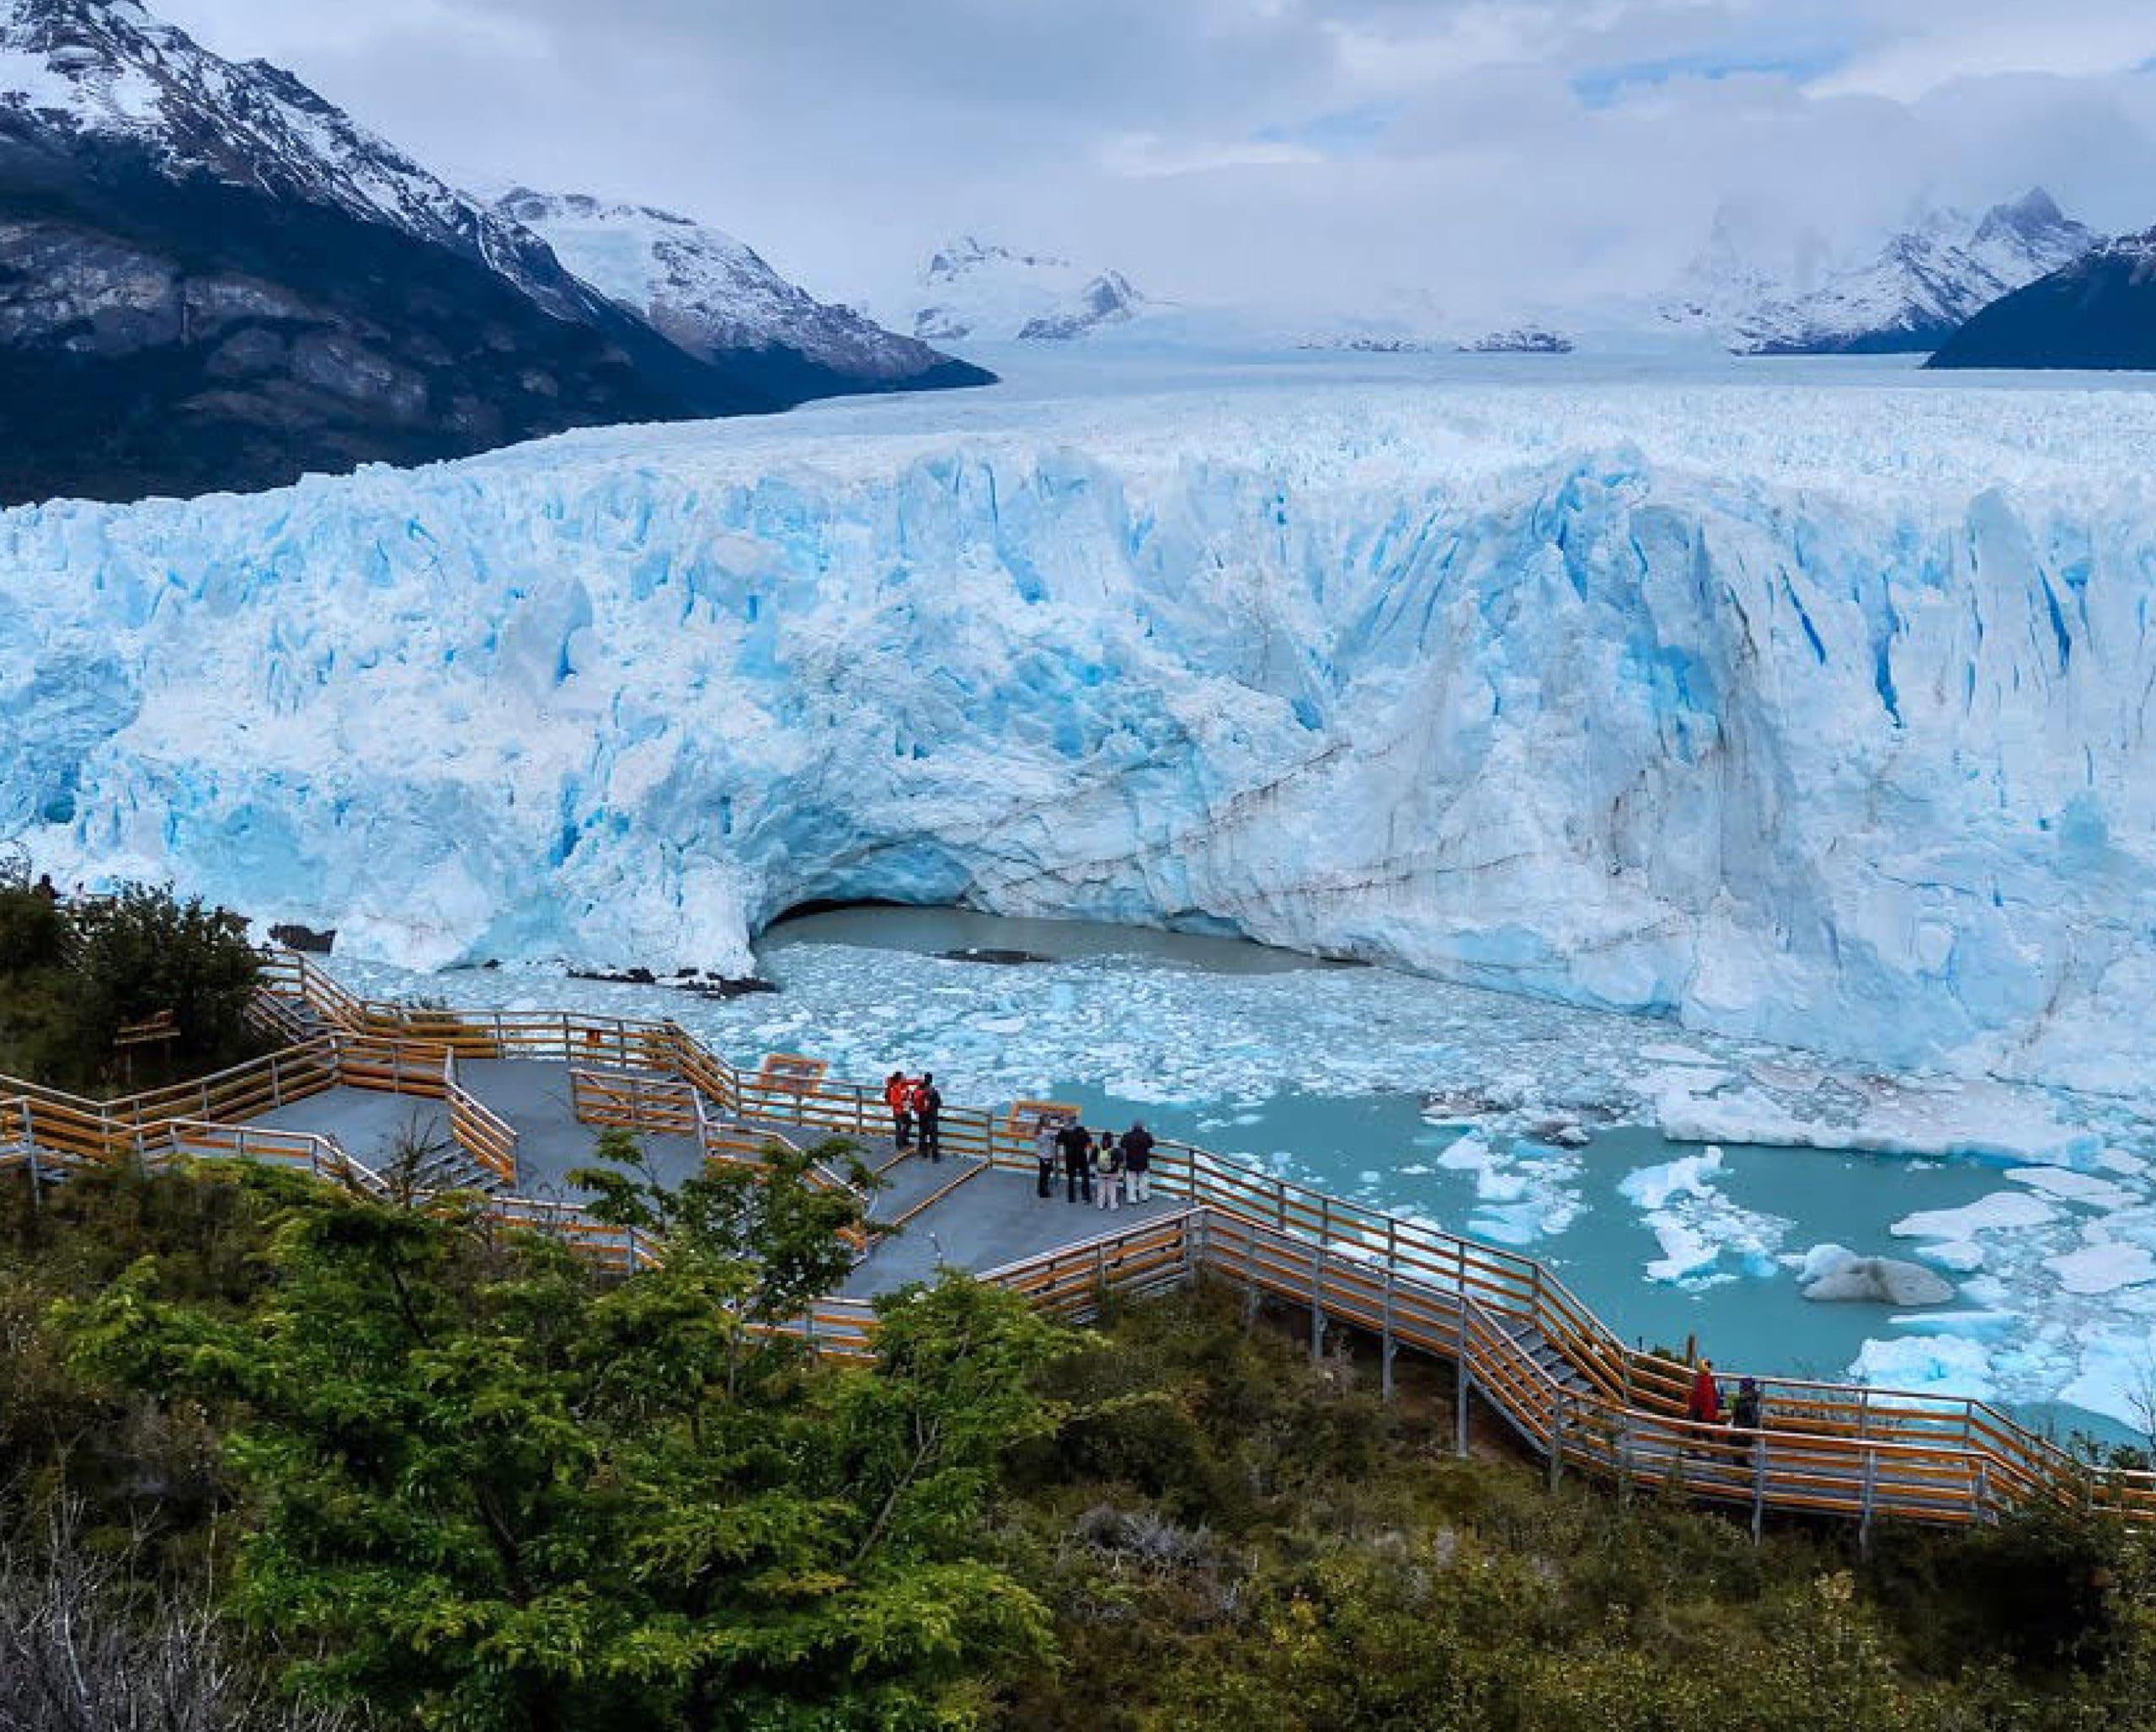 When to visit perito moreno glacier?